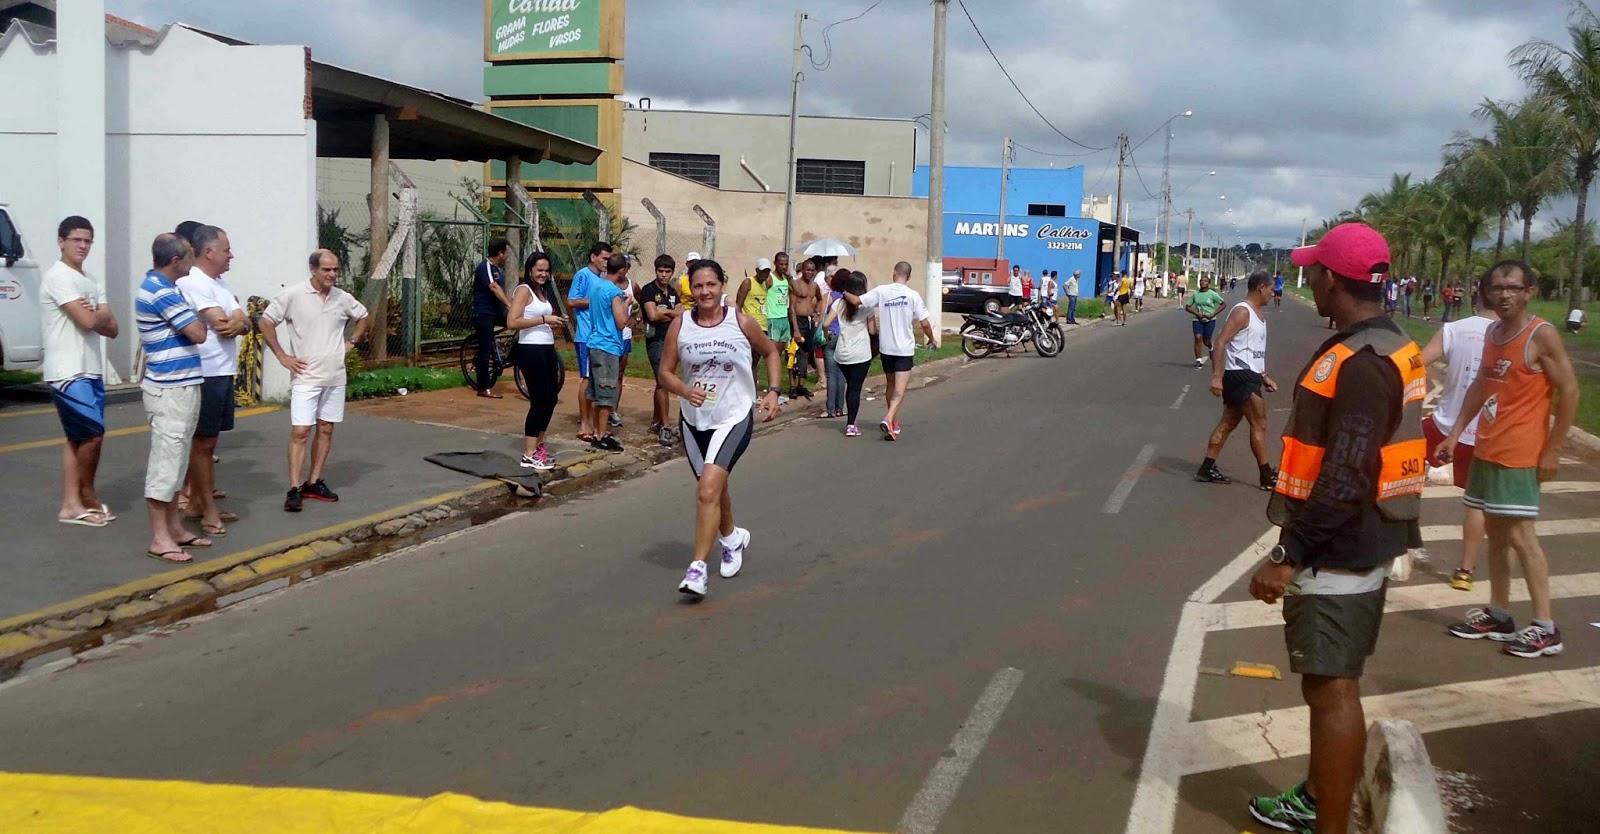 Foto 167 da 1ª Corrida Av. dos Coqueiros em Barretos-SP 14/04/2013 – Atletas cruzando a linha de chegada